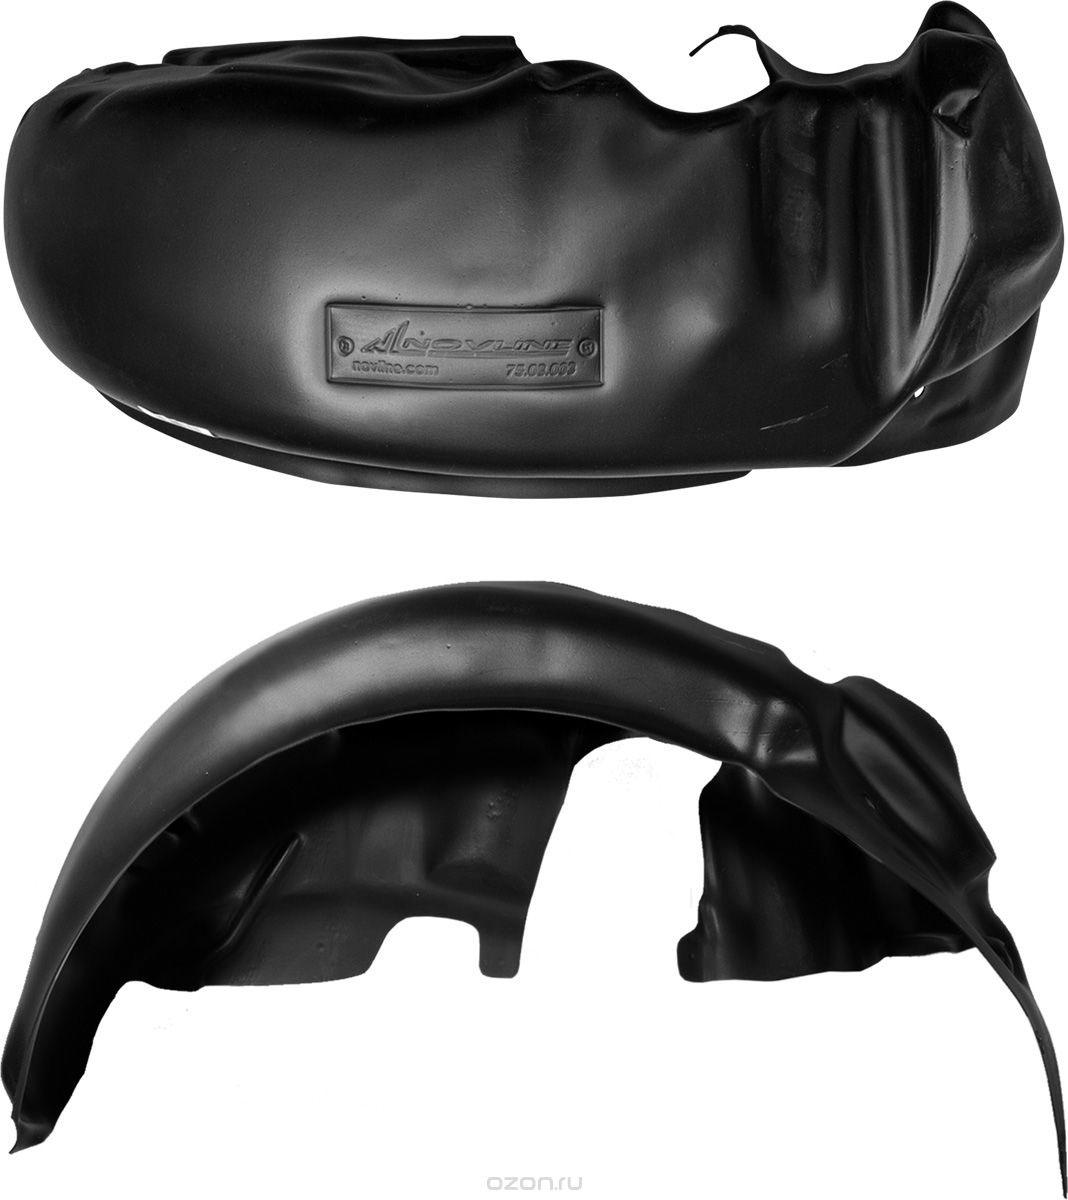 Подкрылок Novline-Autofamily, для PEUGEOT Boxer /CITROEN Jumper, задний левый с расширителями арок, 2006->NLS.36.49.002Идеальная защита колесной ниши. Локеры разработаны с применением цифровых технологий, гарантируют максимальную повторяемость поверхности арки. Изделия устанавливаются без нарушения лакокрасочного покрытия автомобиля, каждый подкрылок комплектуется крепежом. Уважаемые клиенты, обращаем ваше внимание, что фотографии на подкрылки универсальные и не отражают реальную форму изделия. При этом само изделие идет точно под размер указанного автомобиля.